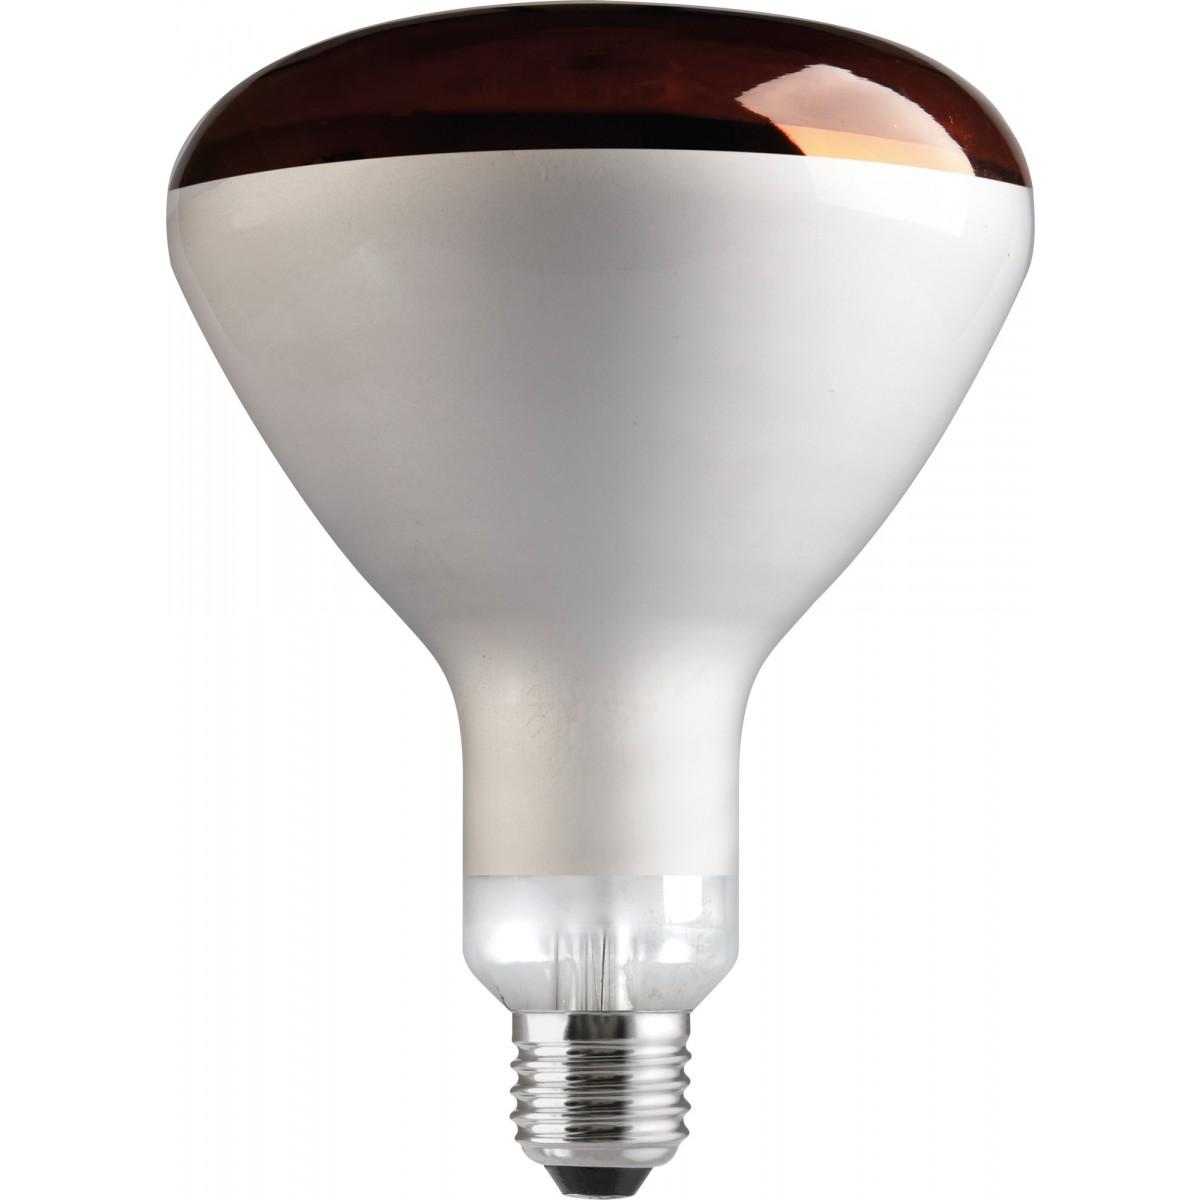 Ampoule réflecteur infrarouge Tungsram - 250 W - E27 - Finition colorée